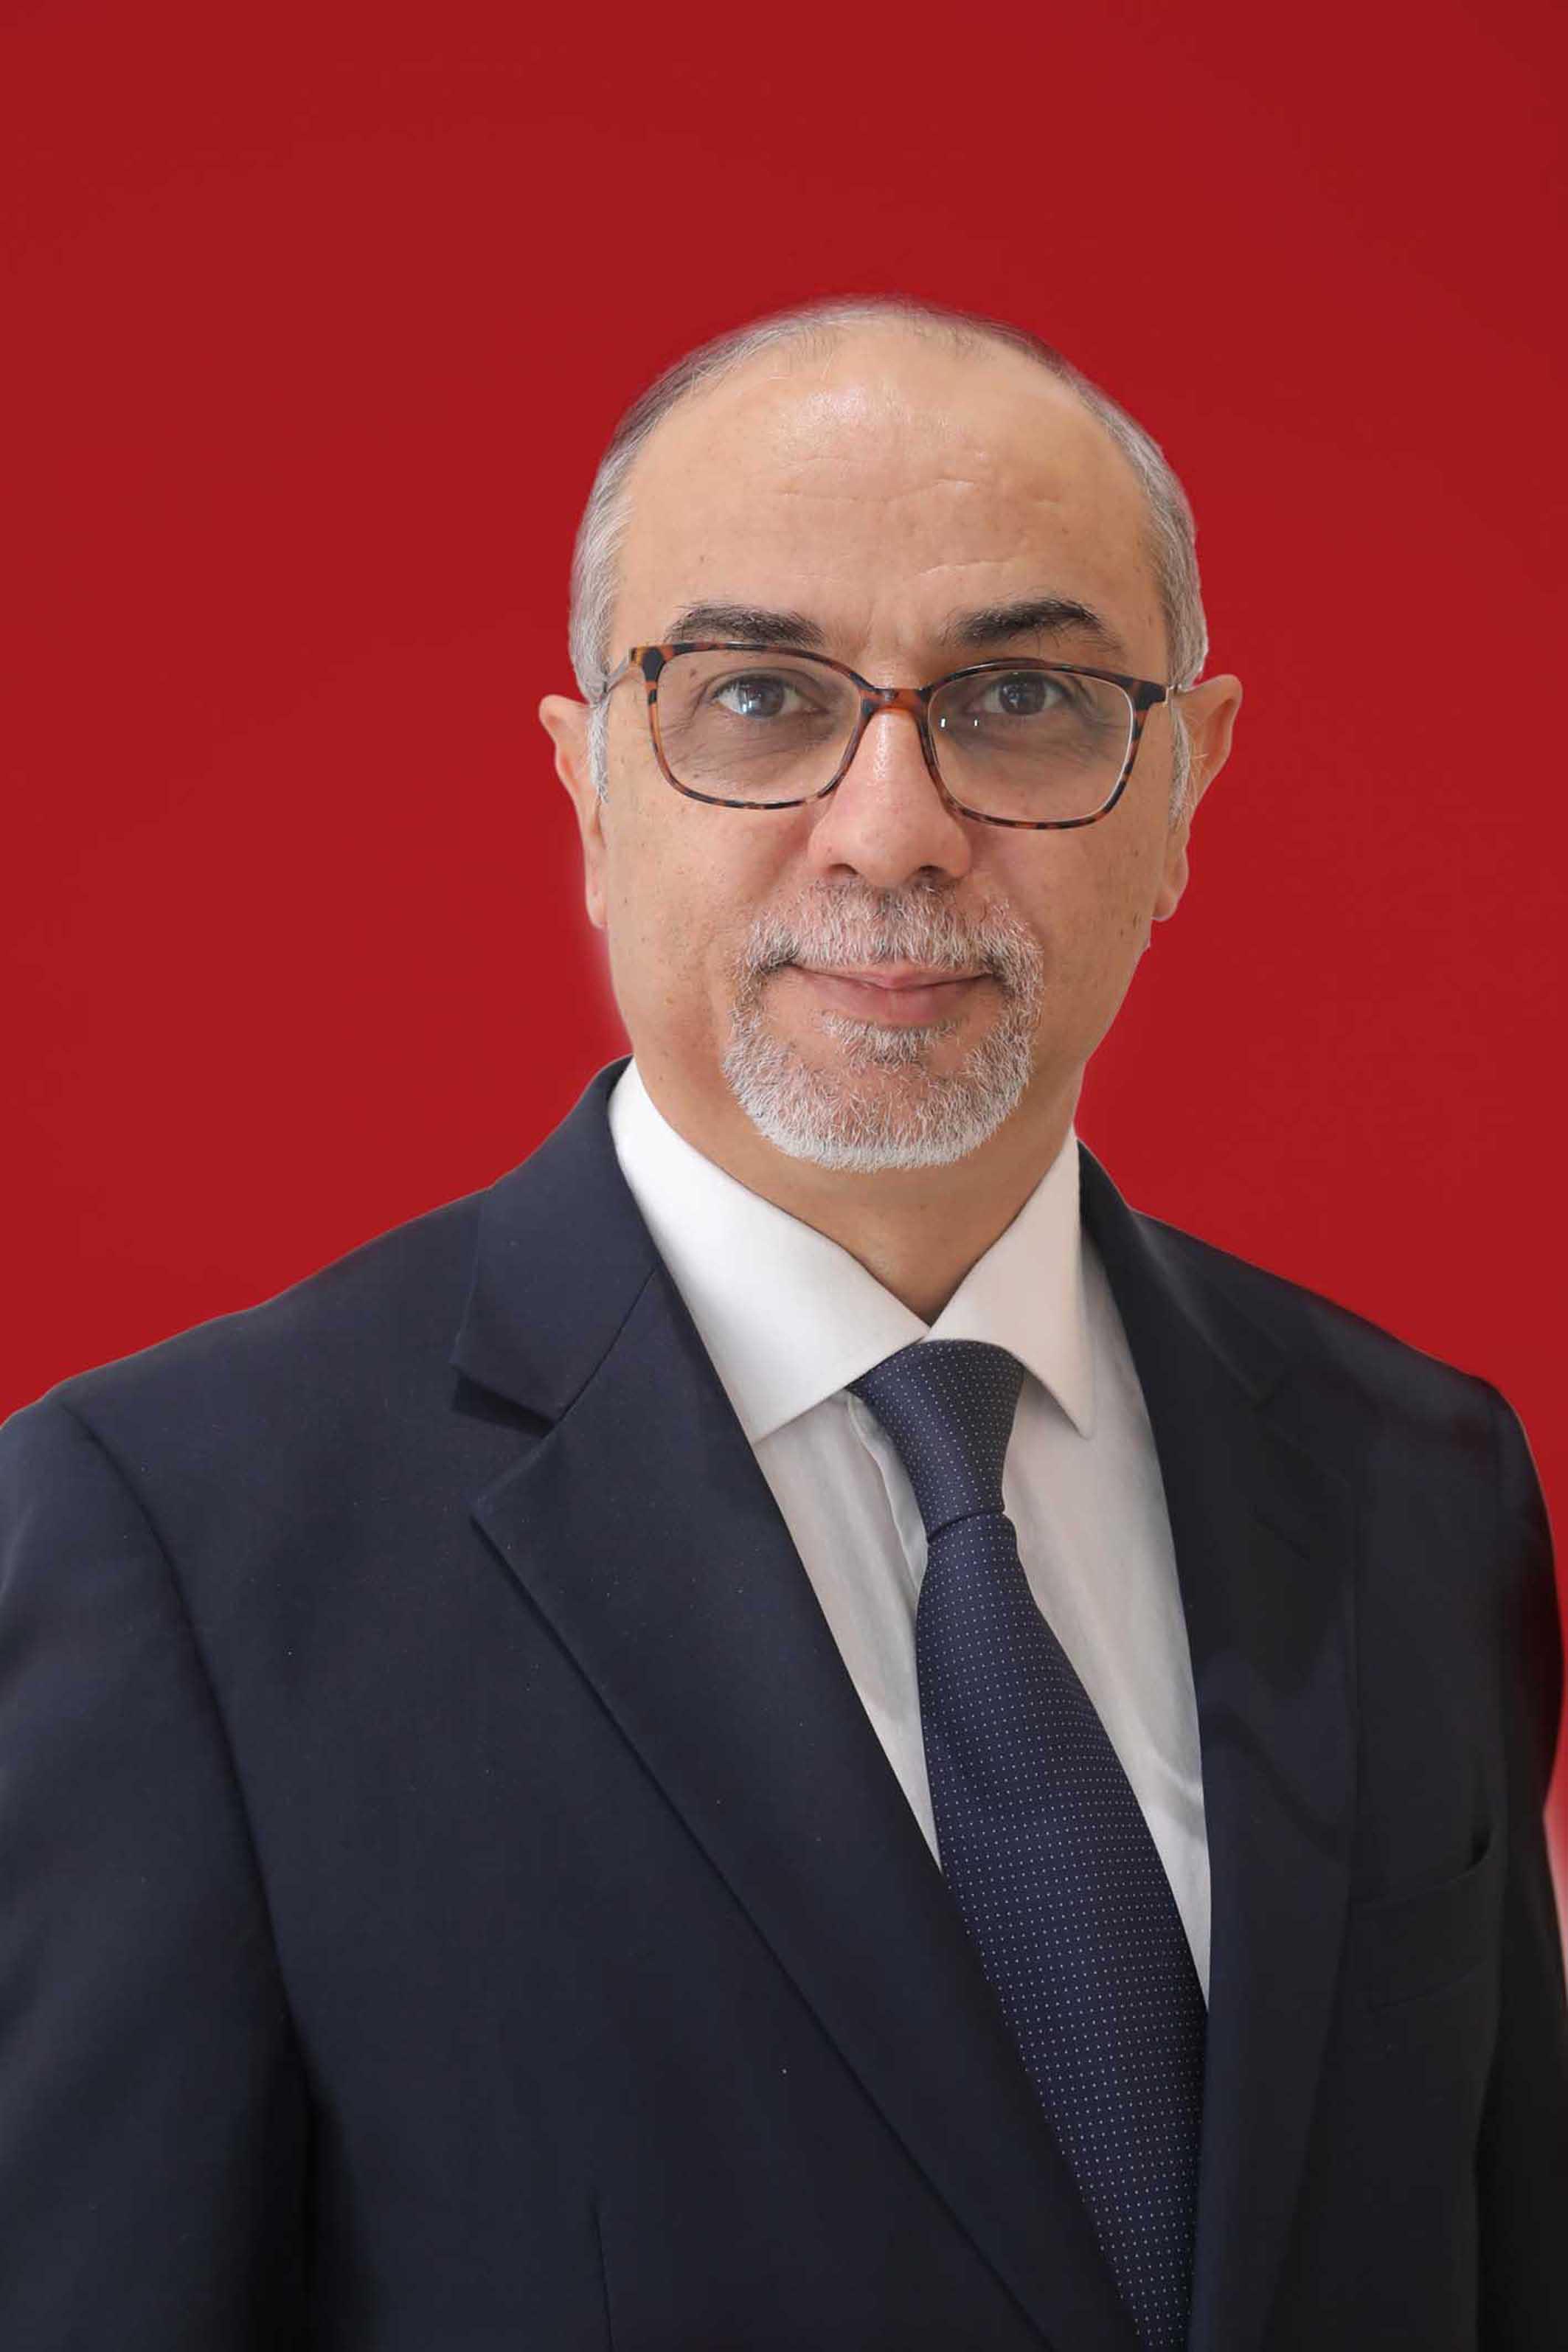 الدكتور خالد واصف الوزني